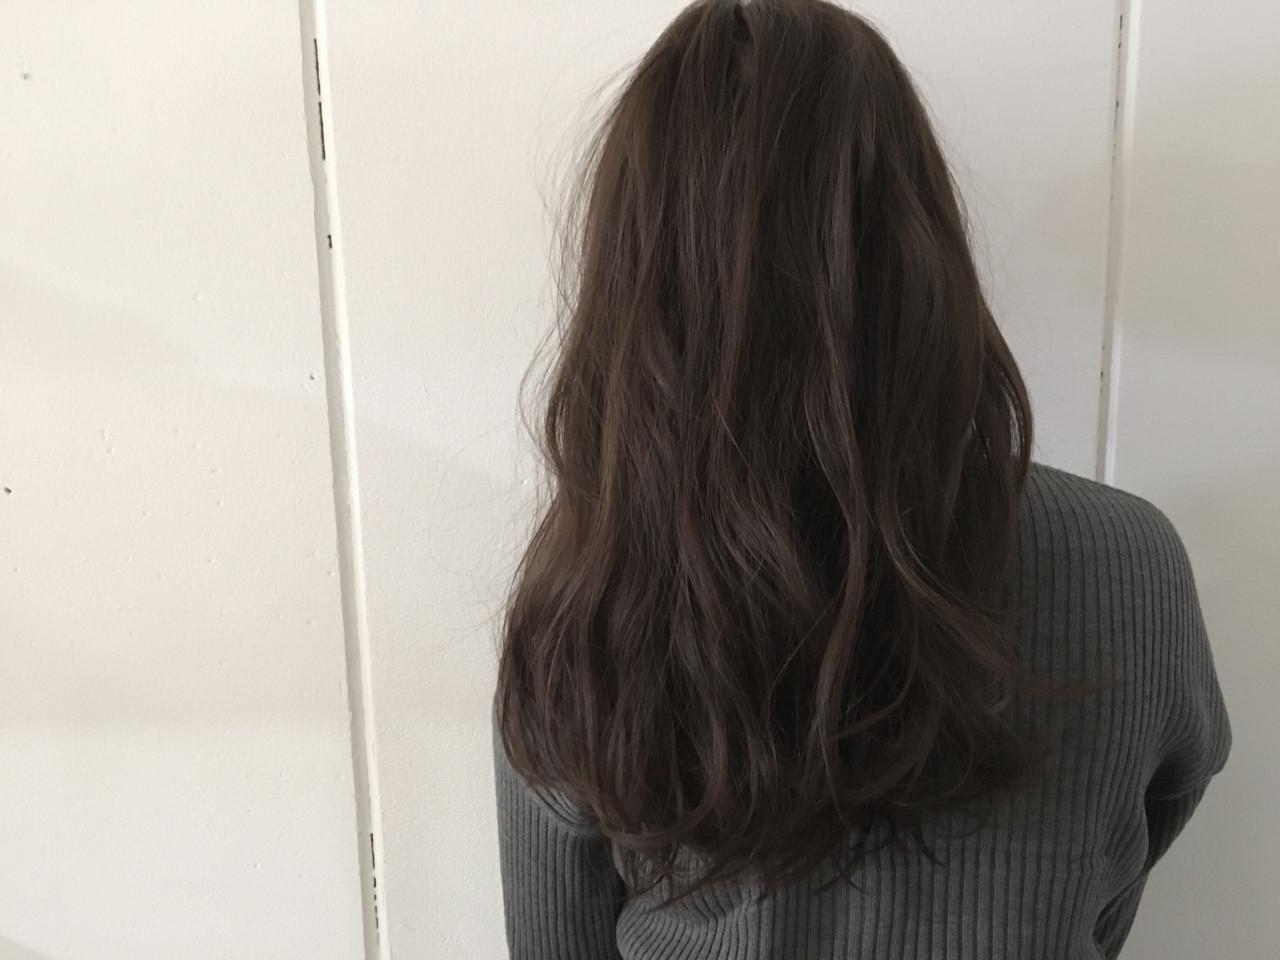 抜け感 ロング アッシュ 外国人風 ヘアスタイルや髪型の写真・画像 | 杉谷 将也 / DiLL / DiLL